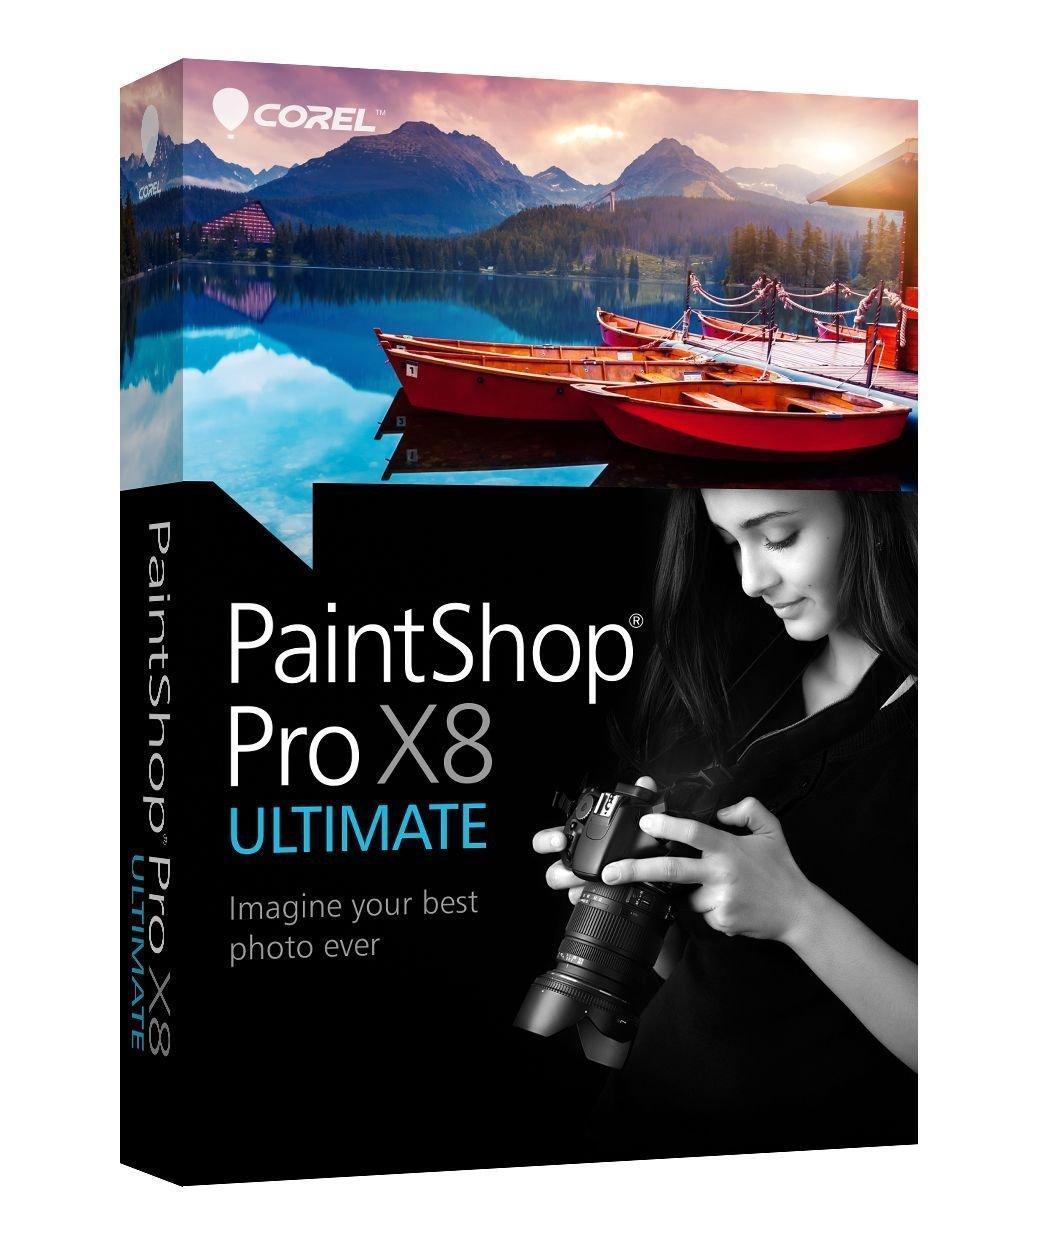 Logiciel Corel PaintShop Pro X8 Ultimate sur PC